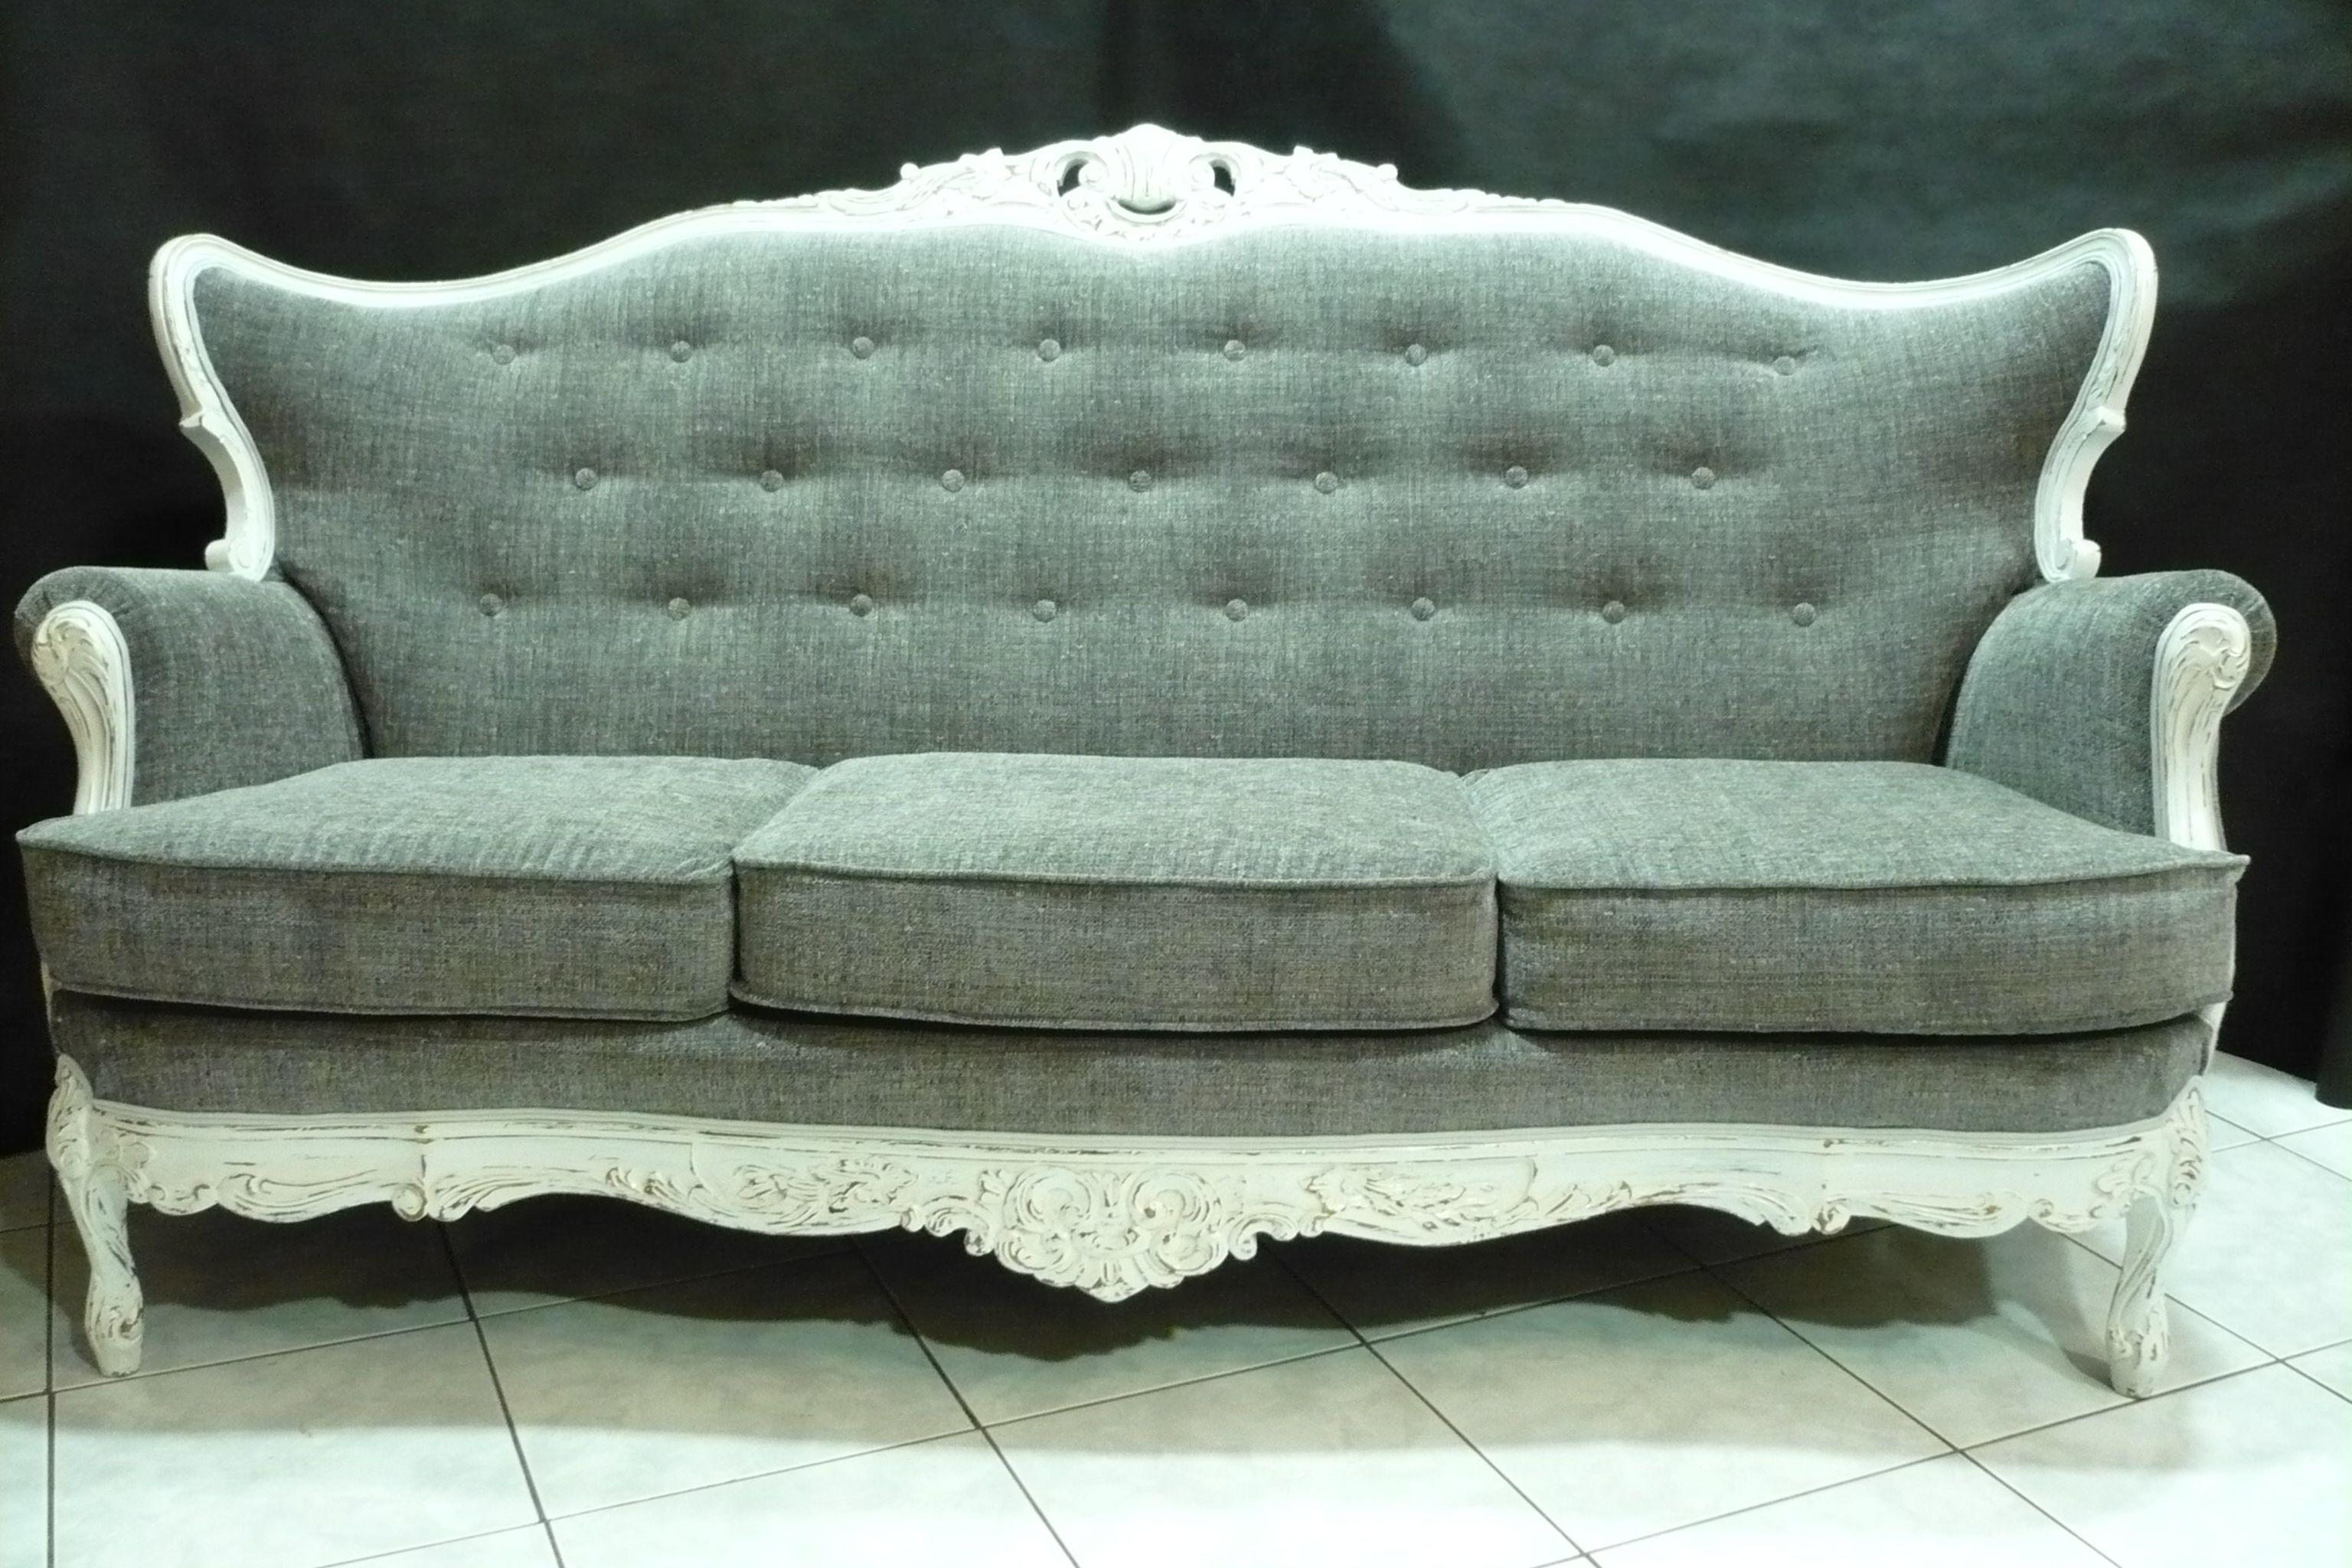 canap baroque bois peint en blanc et vieilli recouvert d 39 un tissu gris anthracite dossier. Black Bedroom Furniture Sets. Home Design Ideas